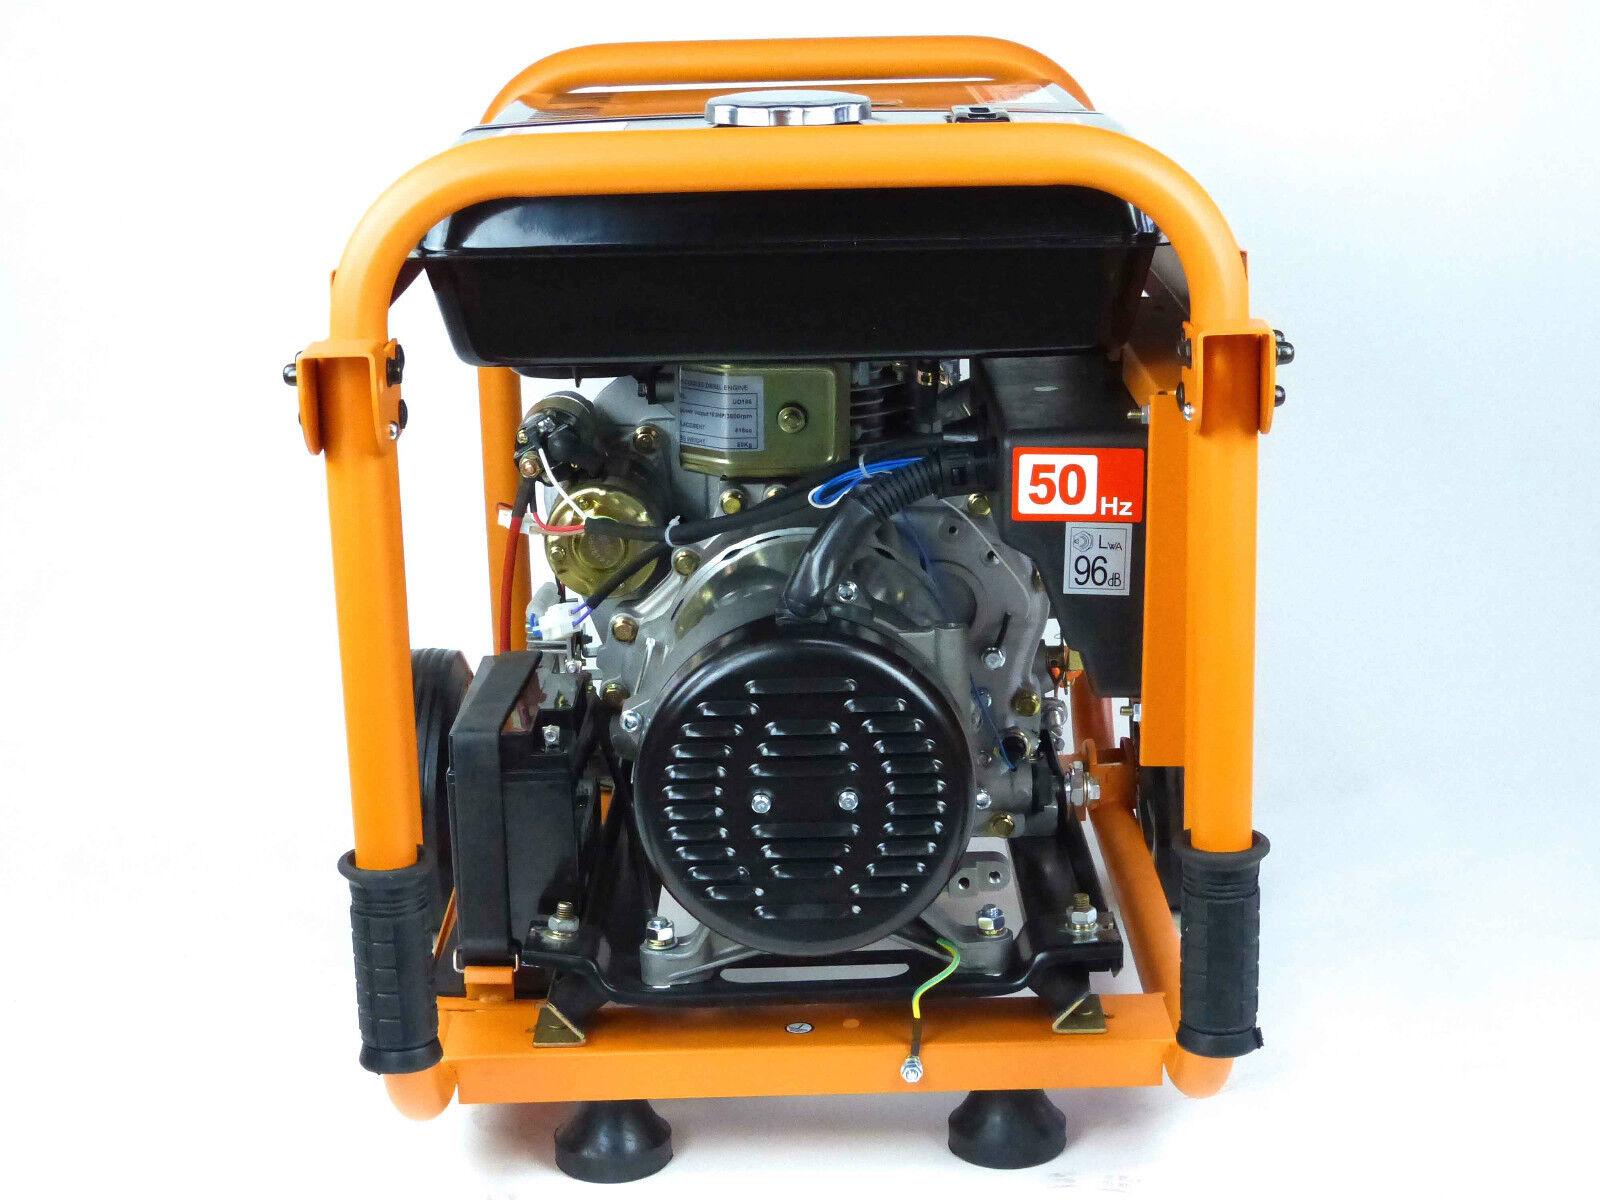 knappwulf diesel stromerzeuger kw5500 3 generator notstromaggregat 3 phase 400v eur 879 00. Black Bedroom Furniture Sets. Home Design Ideas